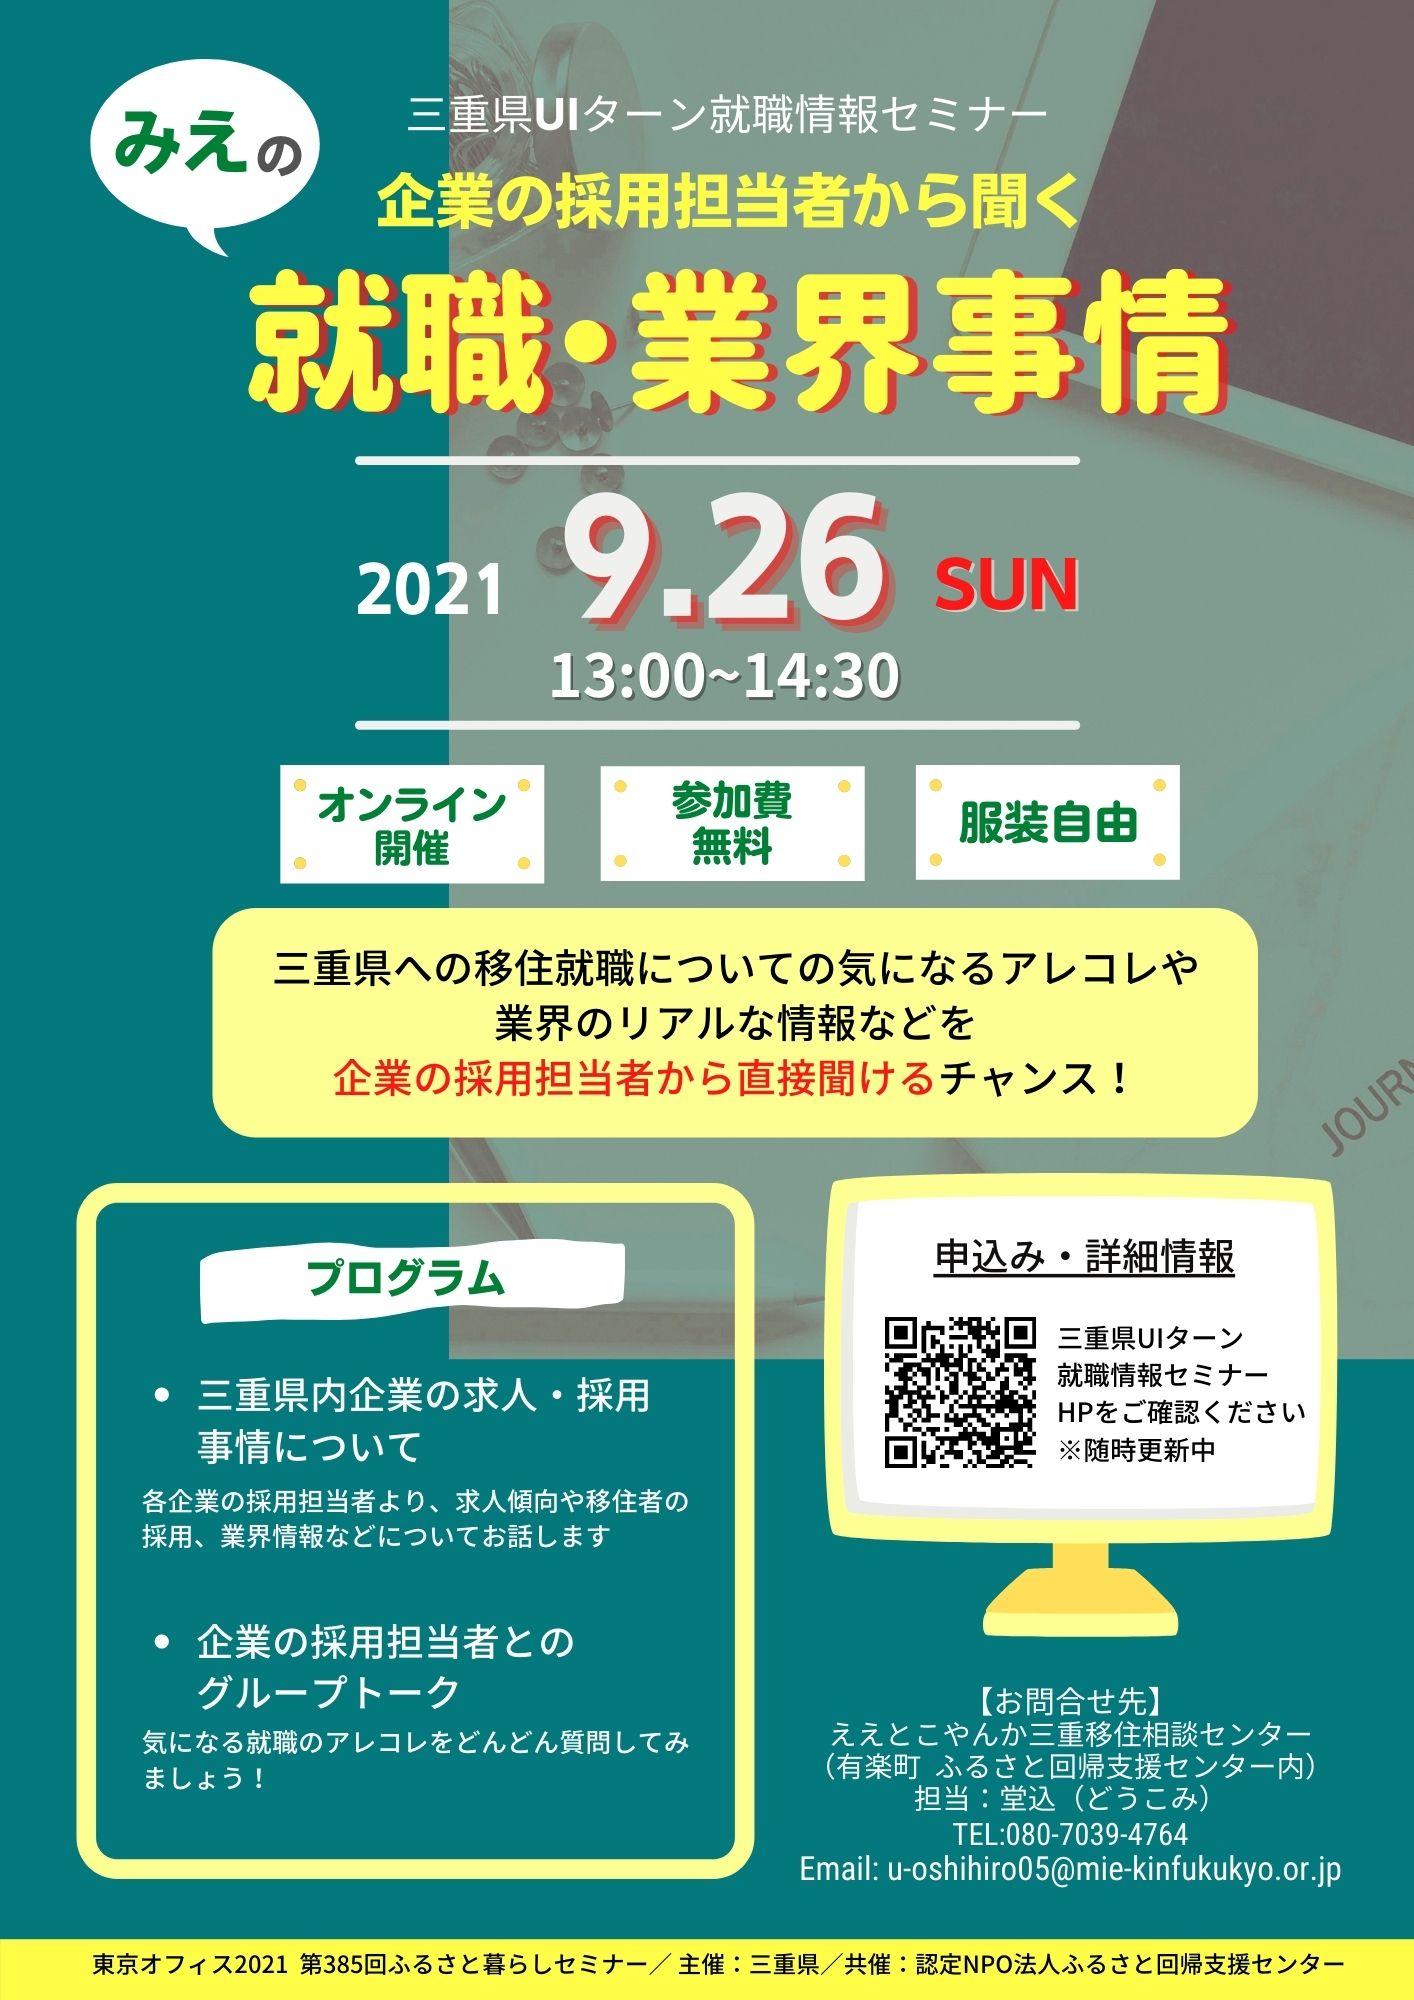 【9月26日(日)オンライン(Zoom)】三重県UIターン就職情報セミナー「企業の採用担当者から聞く、みえの就職・業界事情」を開催します!_写真1